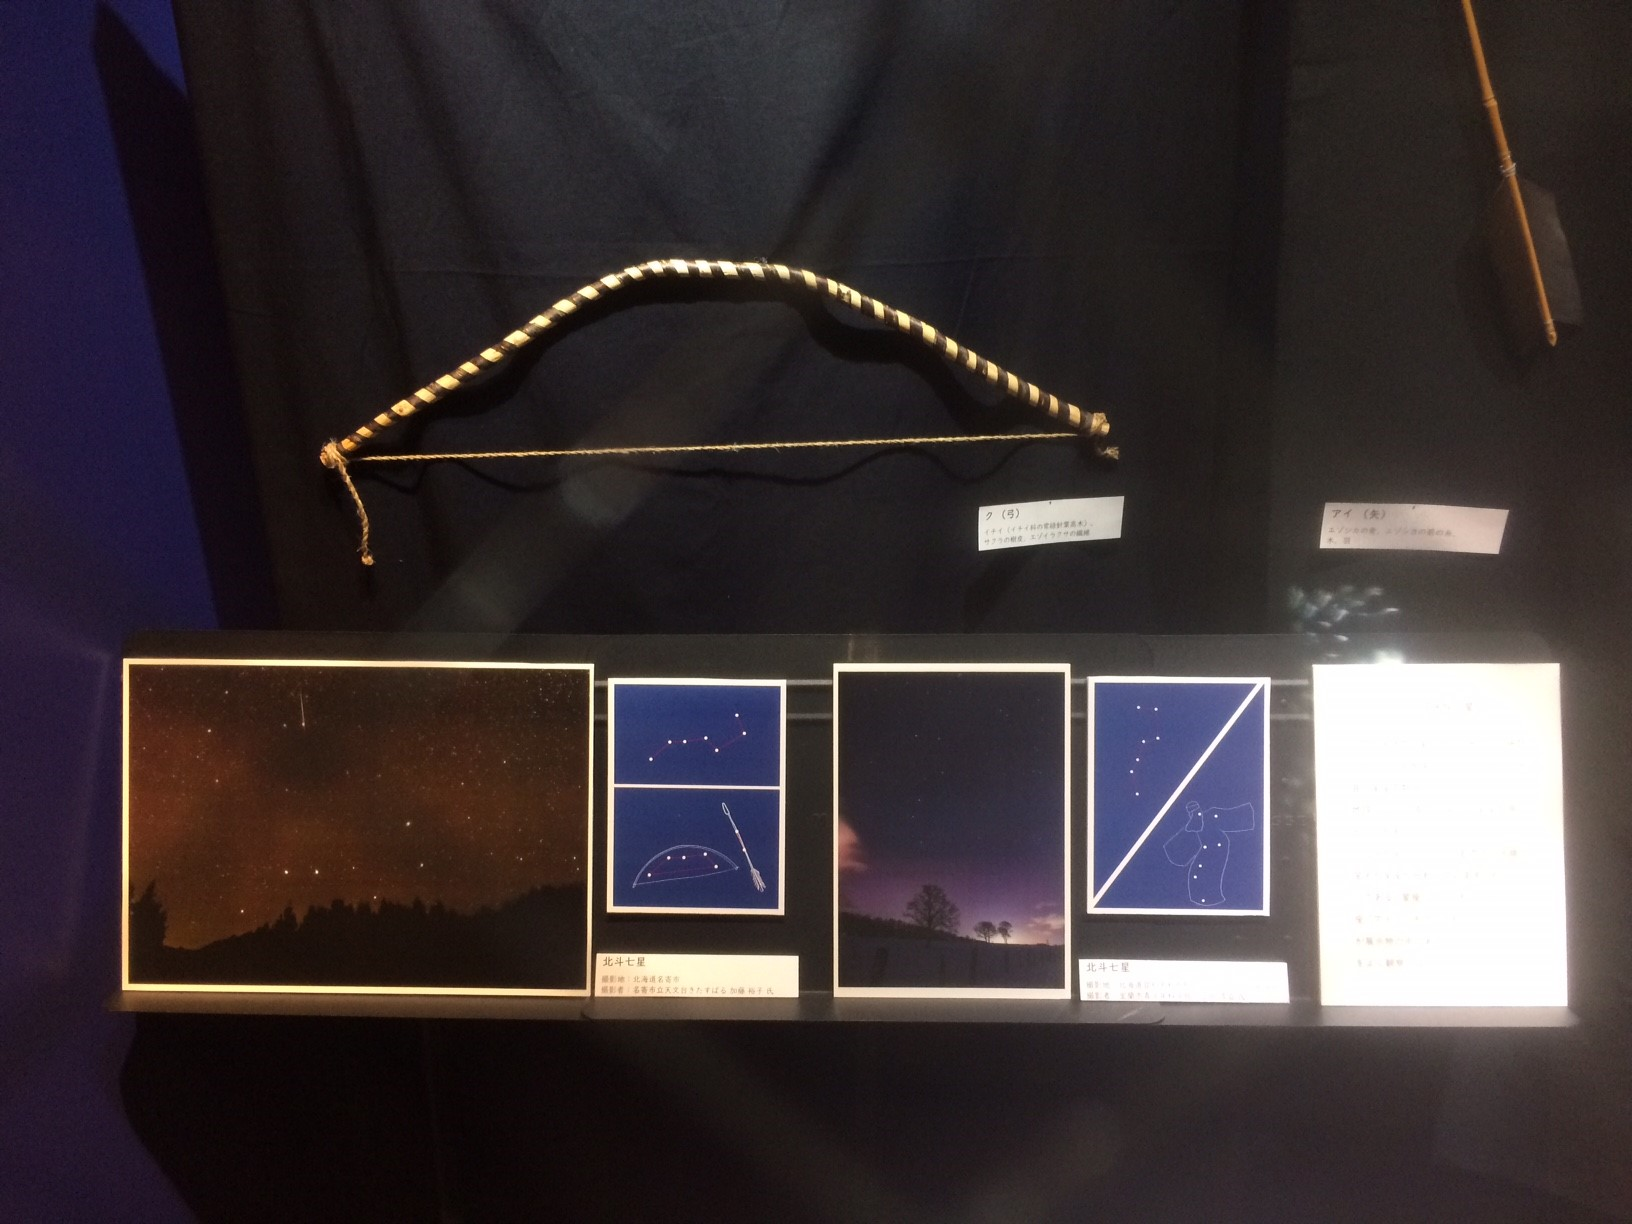 多摩六都科学館アイヌ展示北斗七星